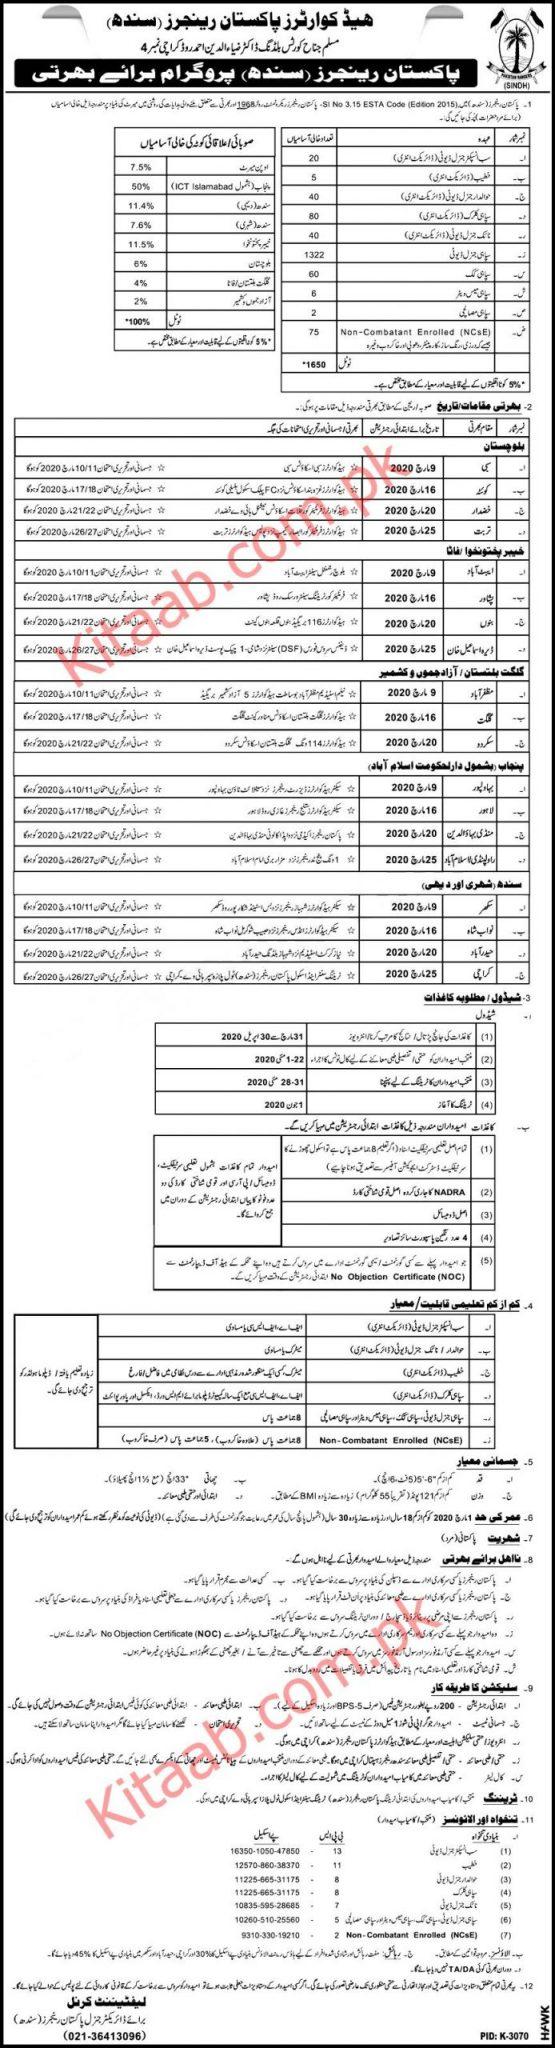 Pakistan Rangers Headquarter Sindh Jobs 2020 Application Form Written Test